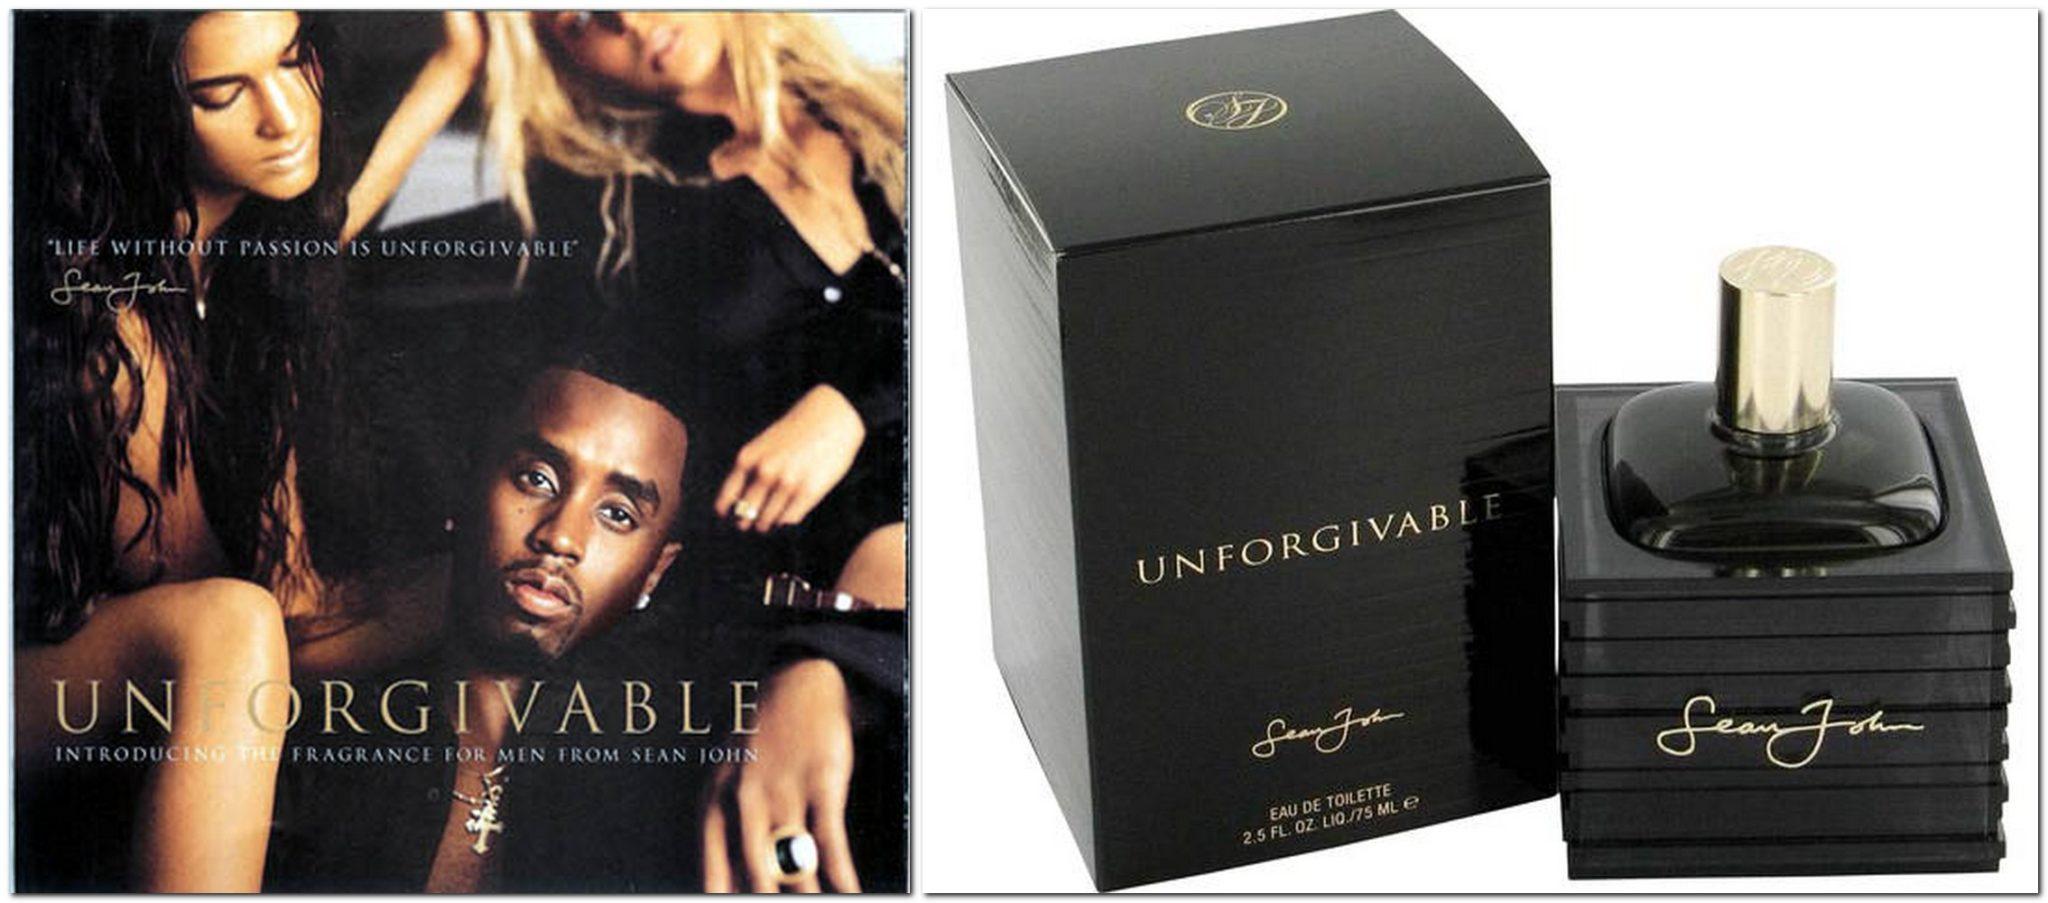 Unforgiveable by P. Diddy, Sean John brand